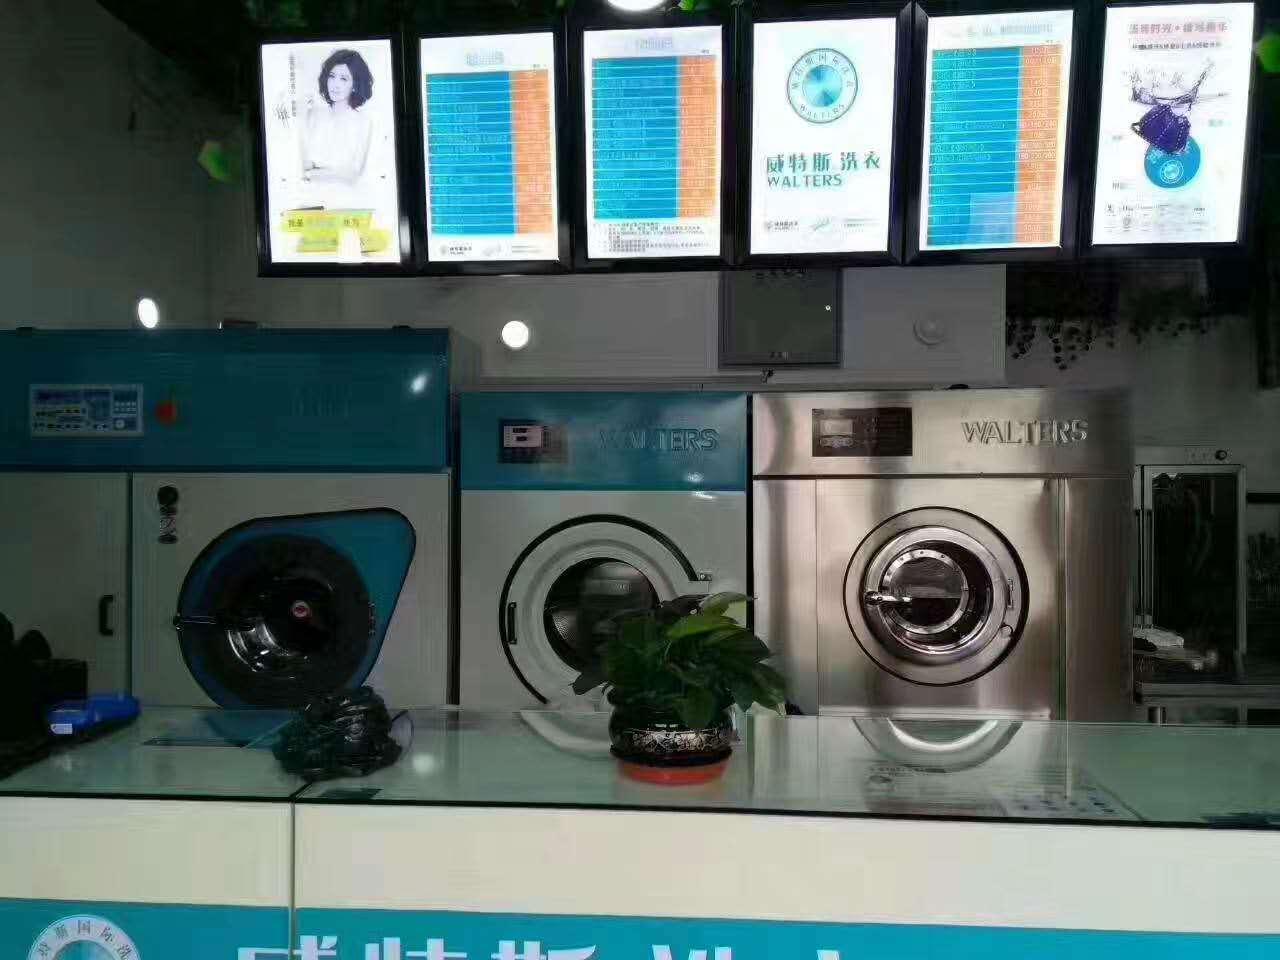 干洗设备那个品牌好 威特斯能满足不同人需求